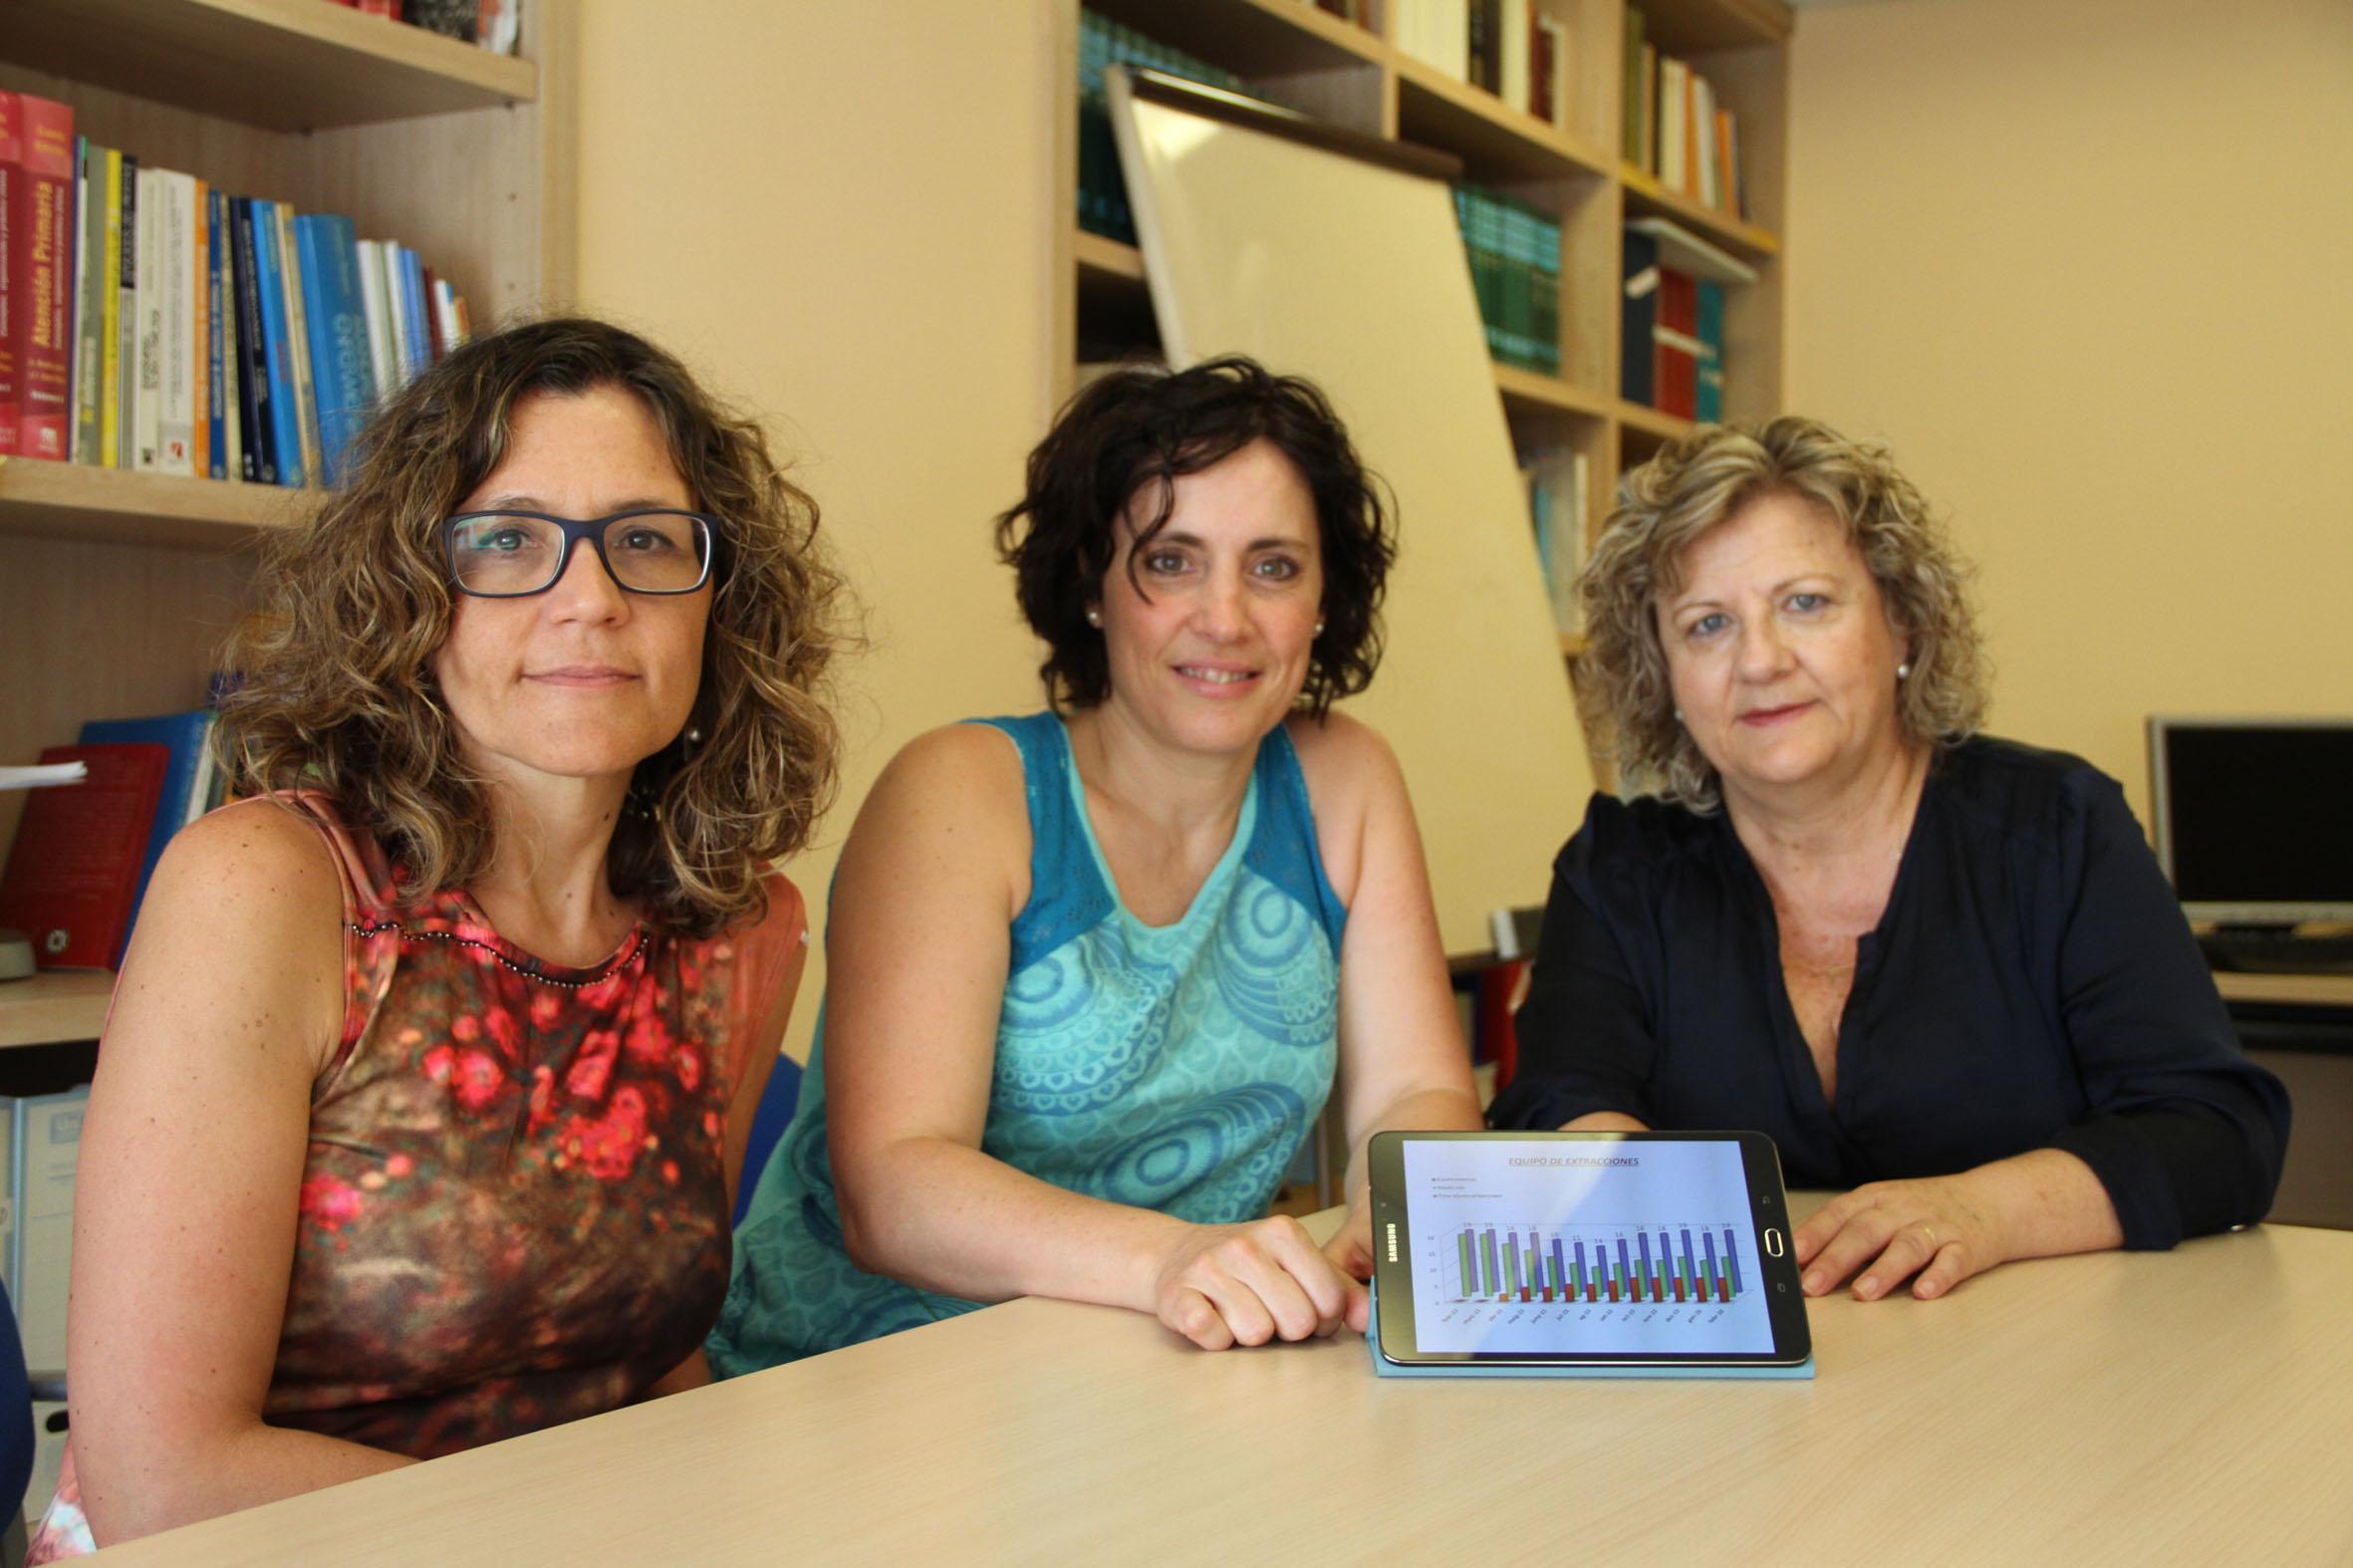 De izquierda a derecha: Marina Peirón, directora de Enfermería del Hospital Universitario Arnau de Vilanova; Sonia Carrasco, enfermera referente y responsable del estudio y Mercè Ruestes, supervisora